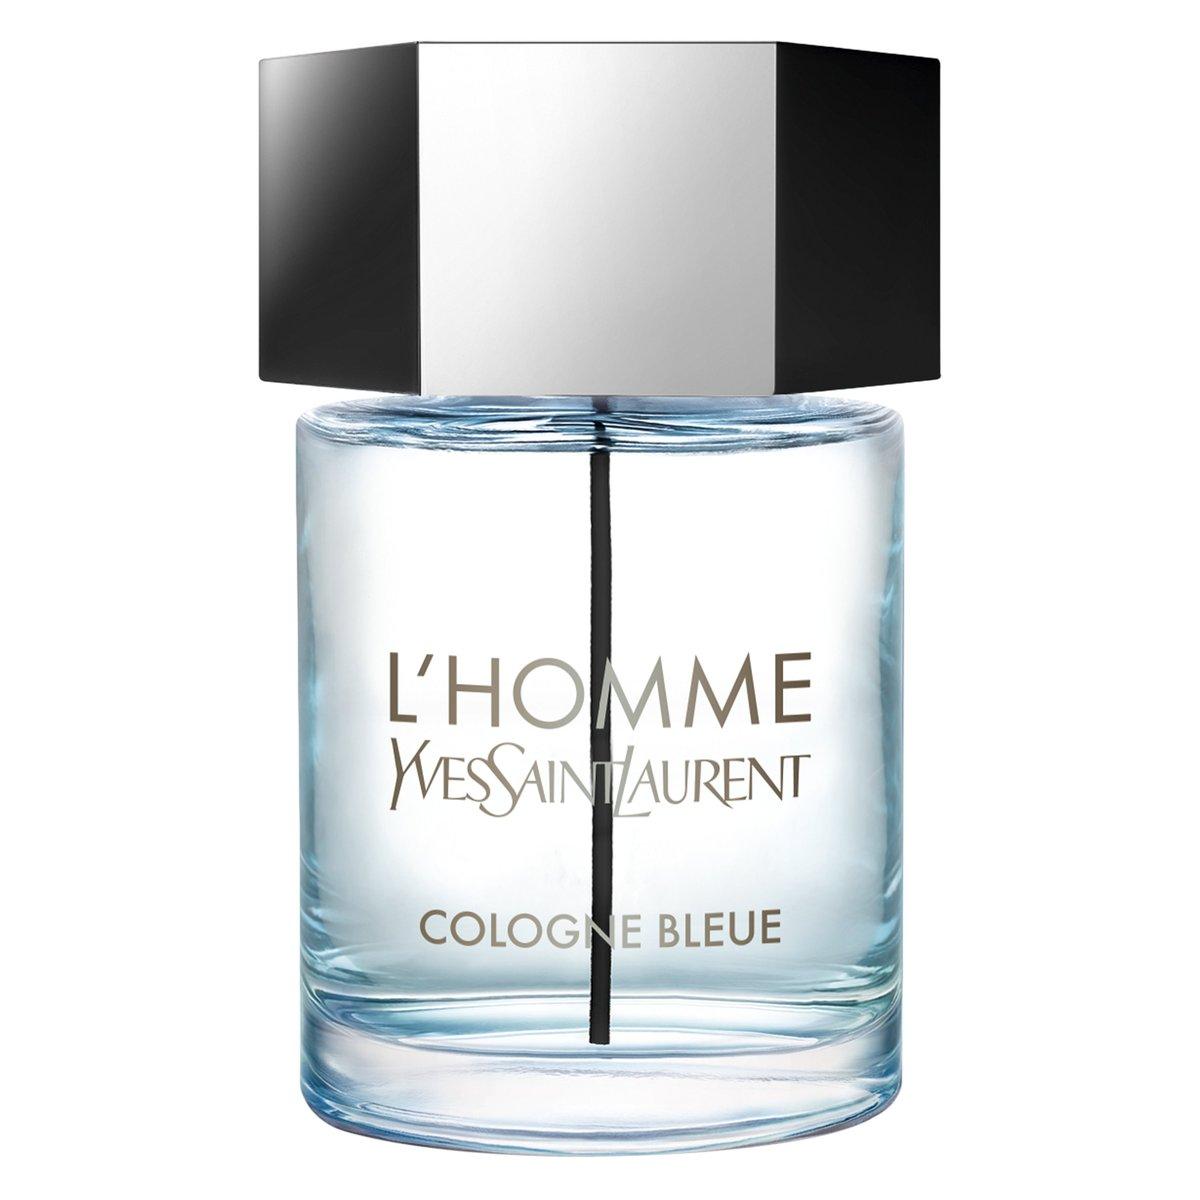 Eau de Toilette L'Homme Cologne Bleue - YVES SAINT LAURENT